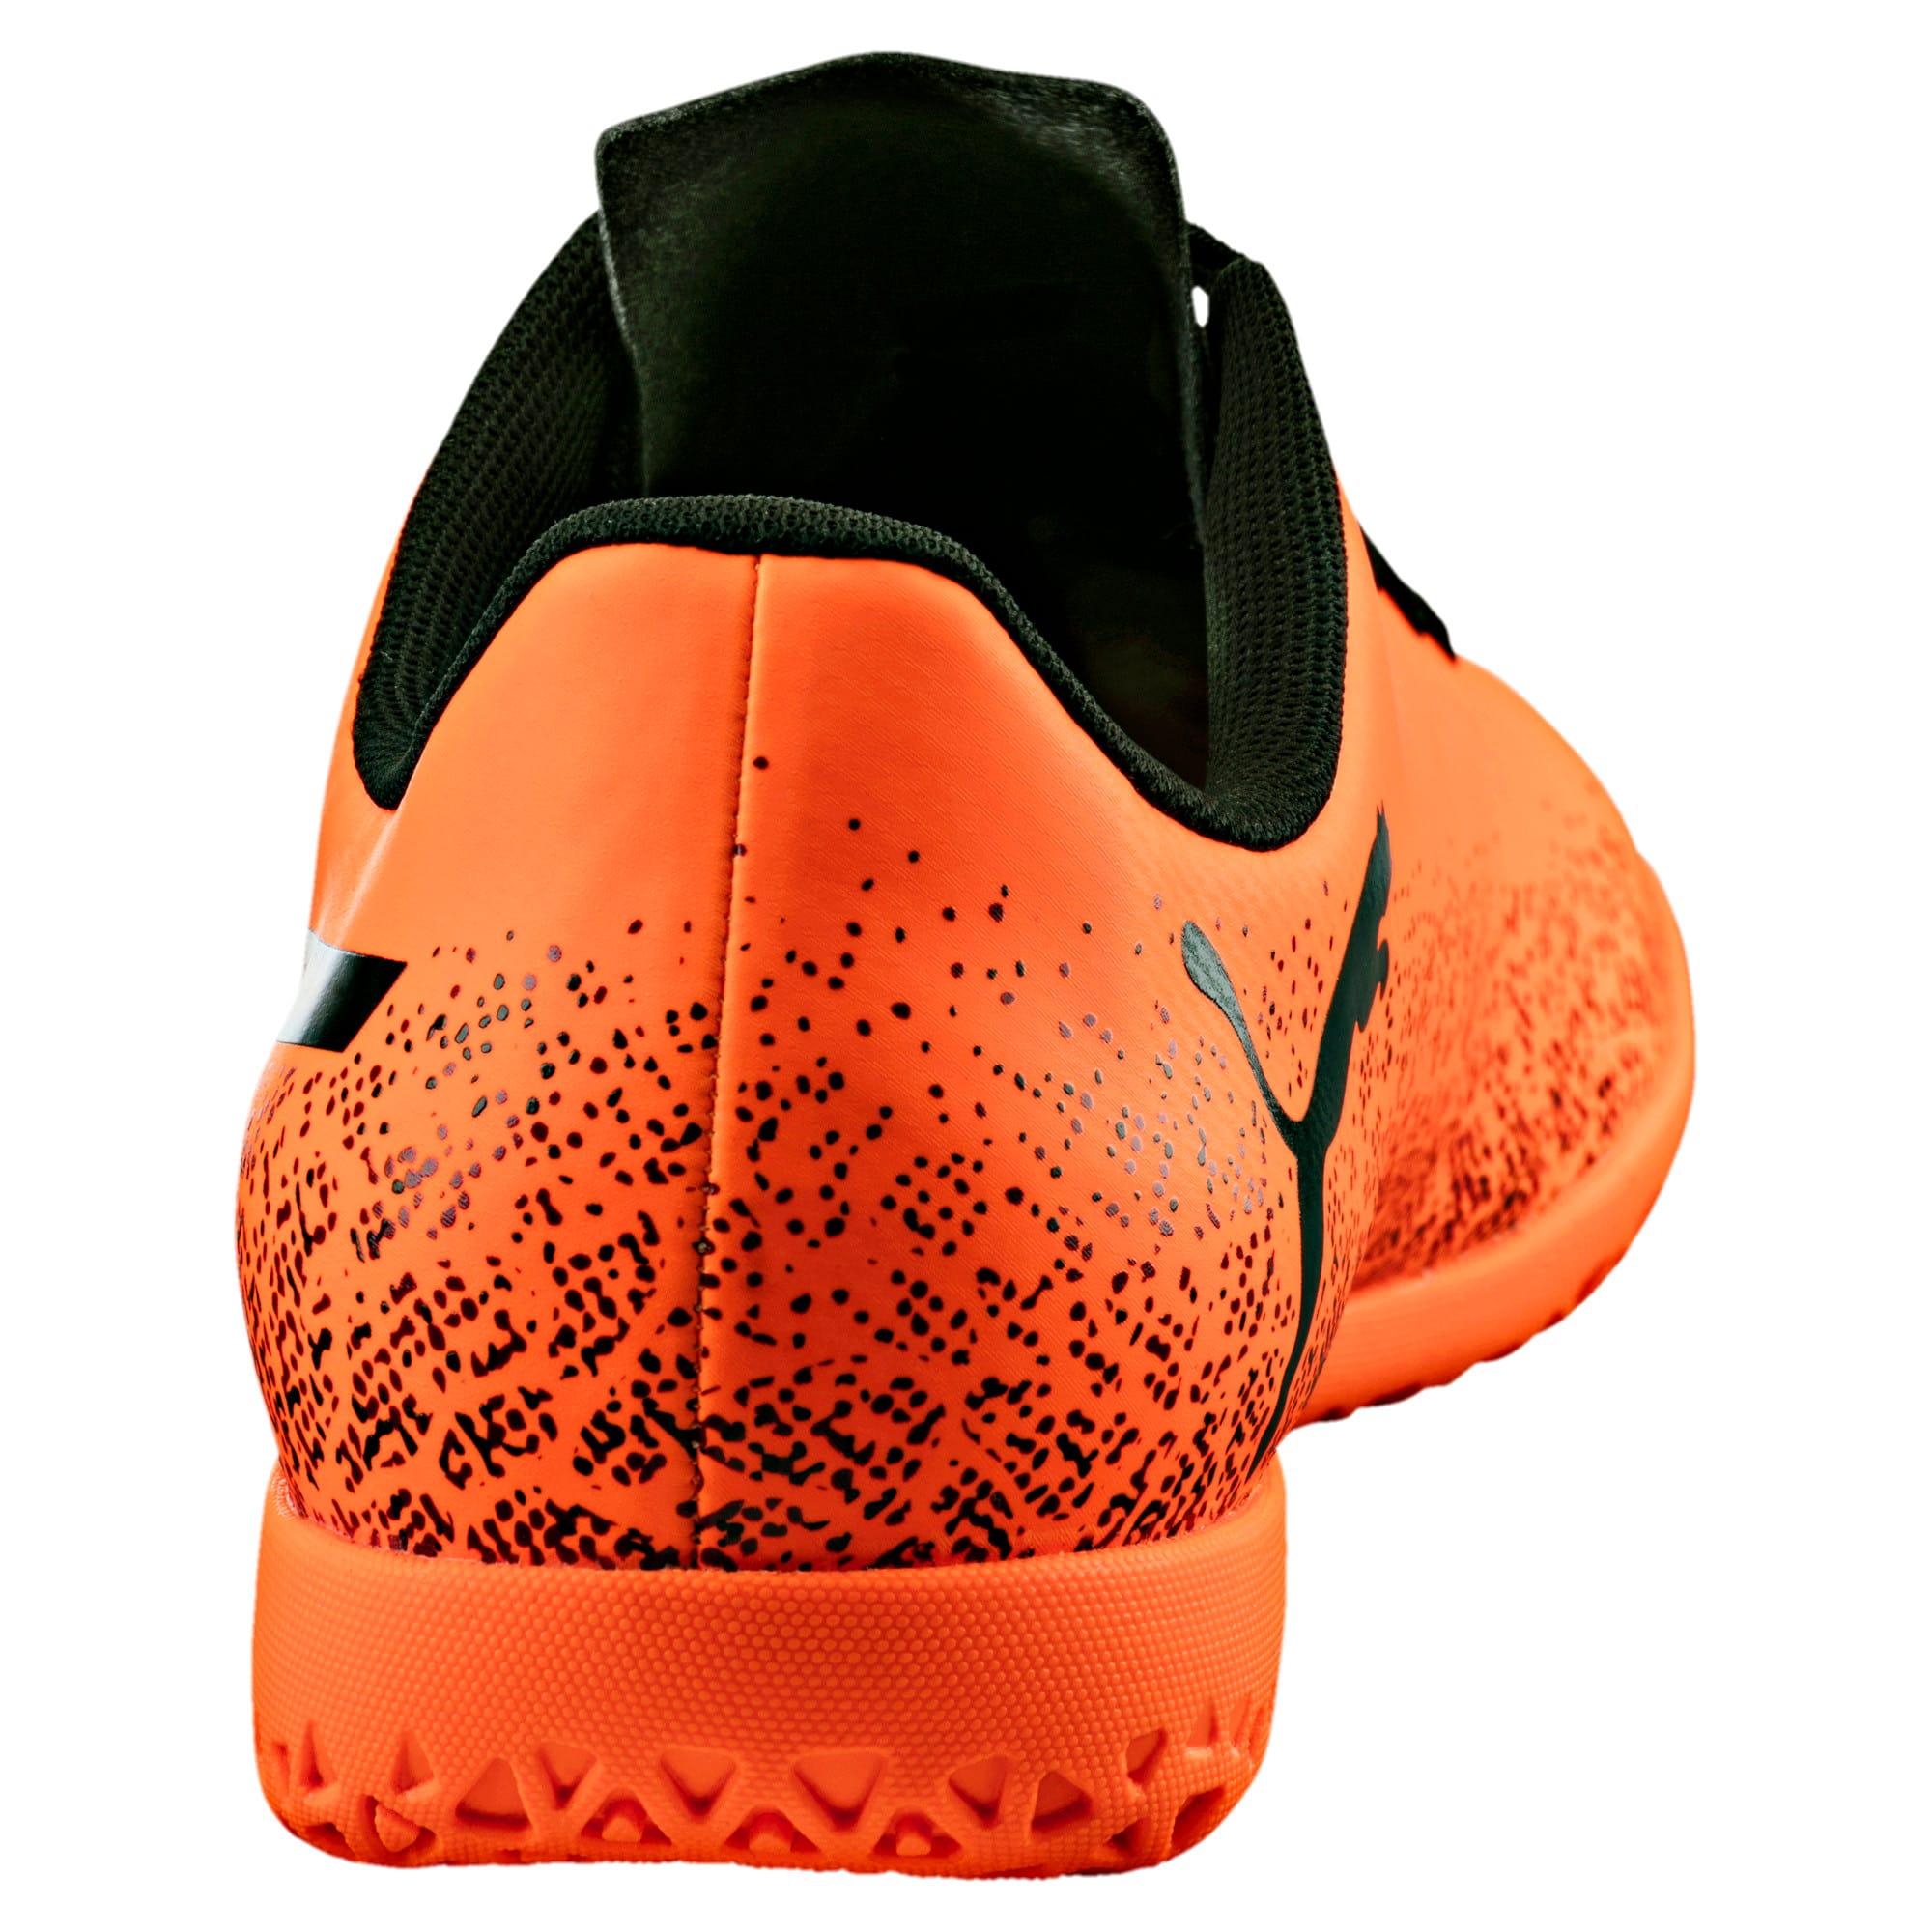 Thumbnail 4 of Truora IT Men's Indoor Training Shoes, Orange-Black-Cordovan, medium-IND